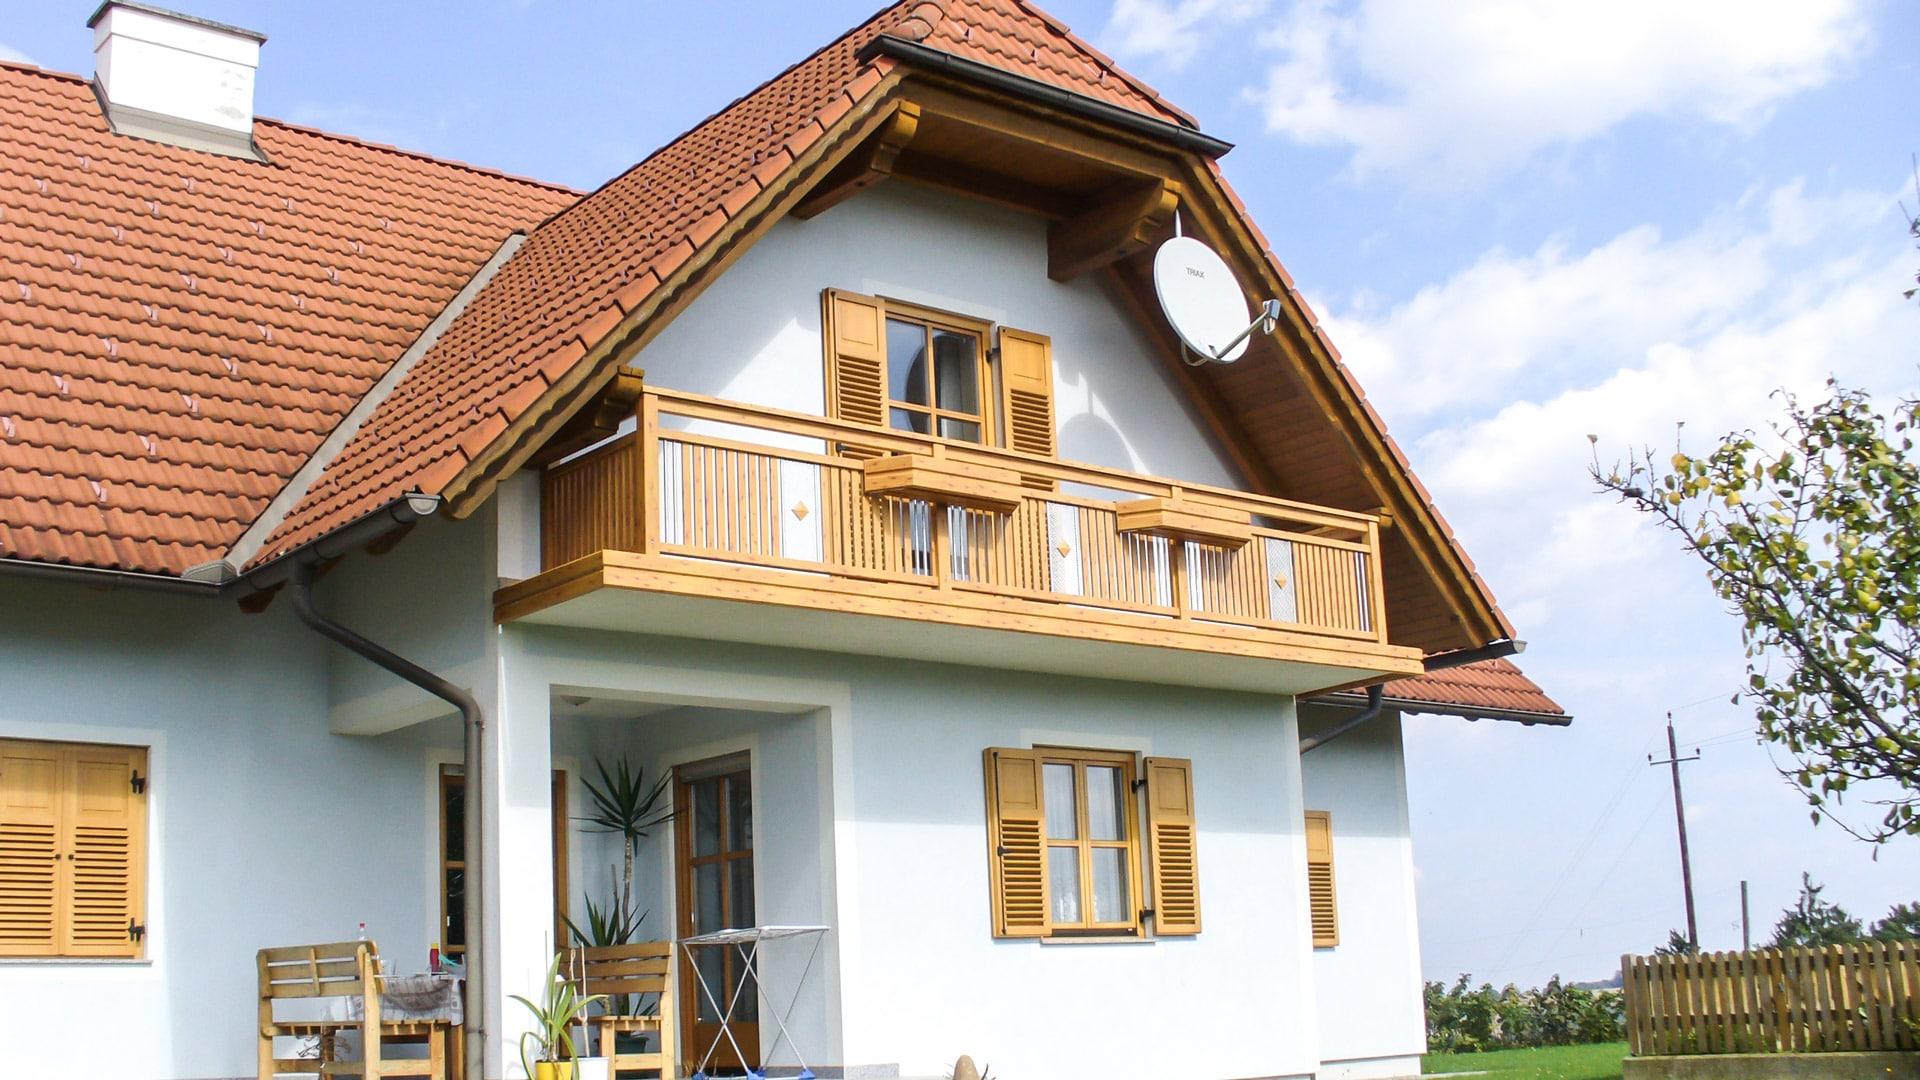 Krieglach 05 H a | Kiefer-Holz-Balkongeländer aus Aluminium-Latten beschichtet & Lochblech | Svoboda